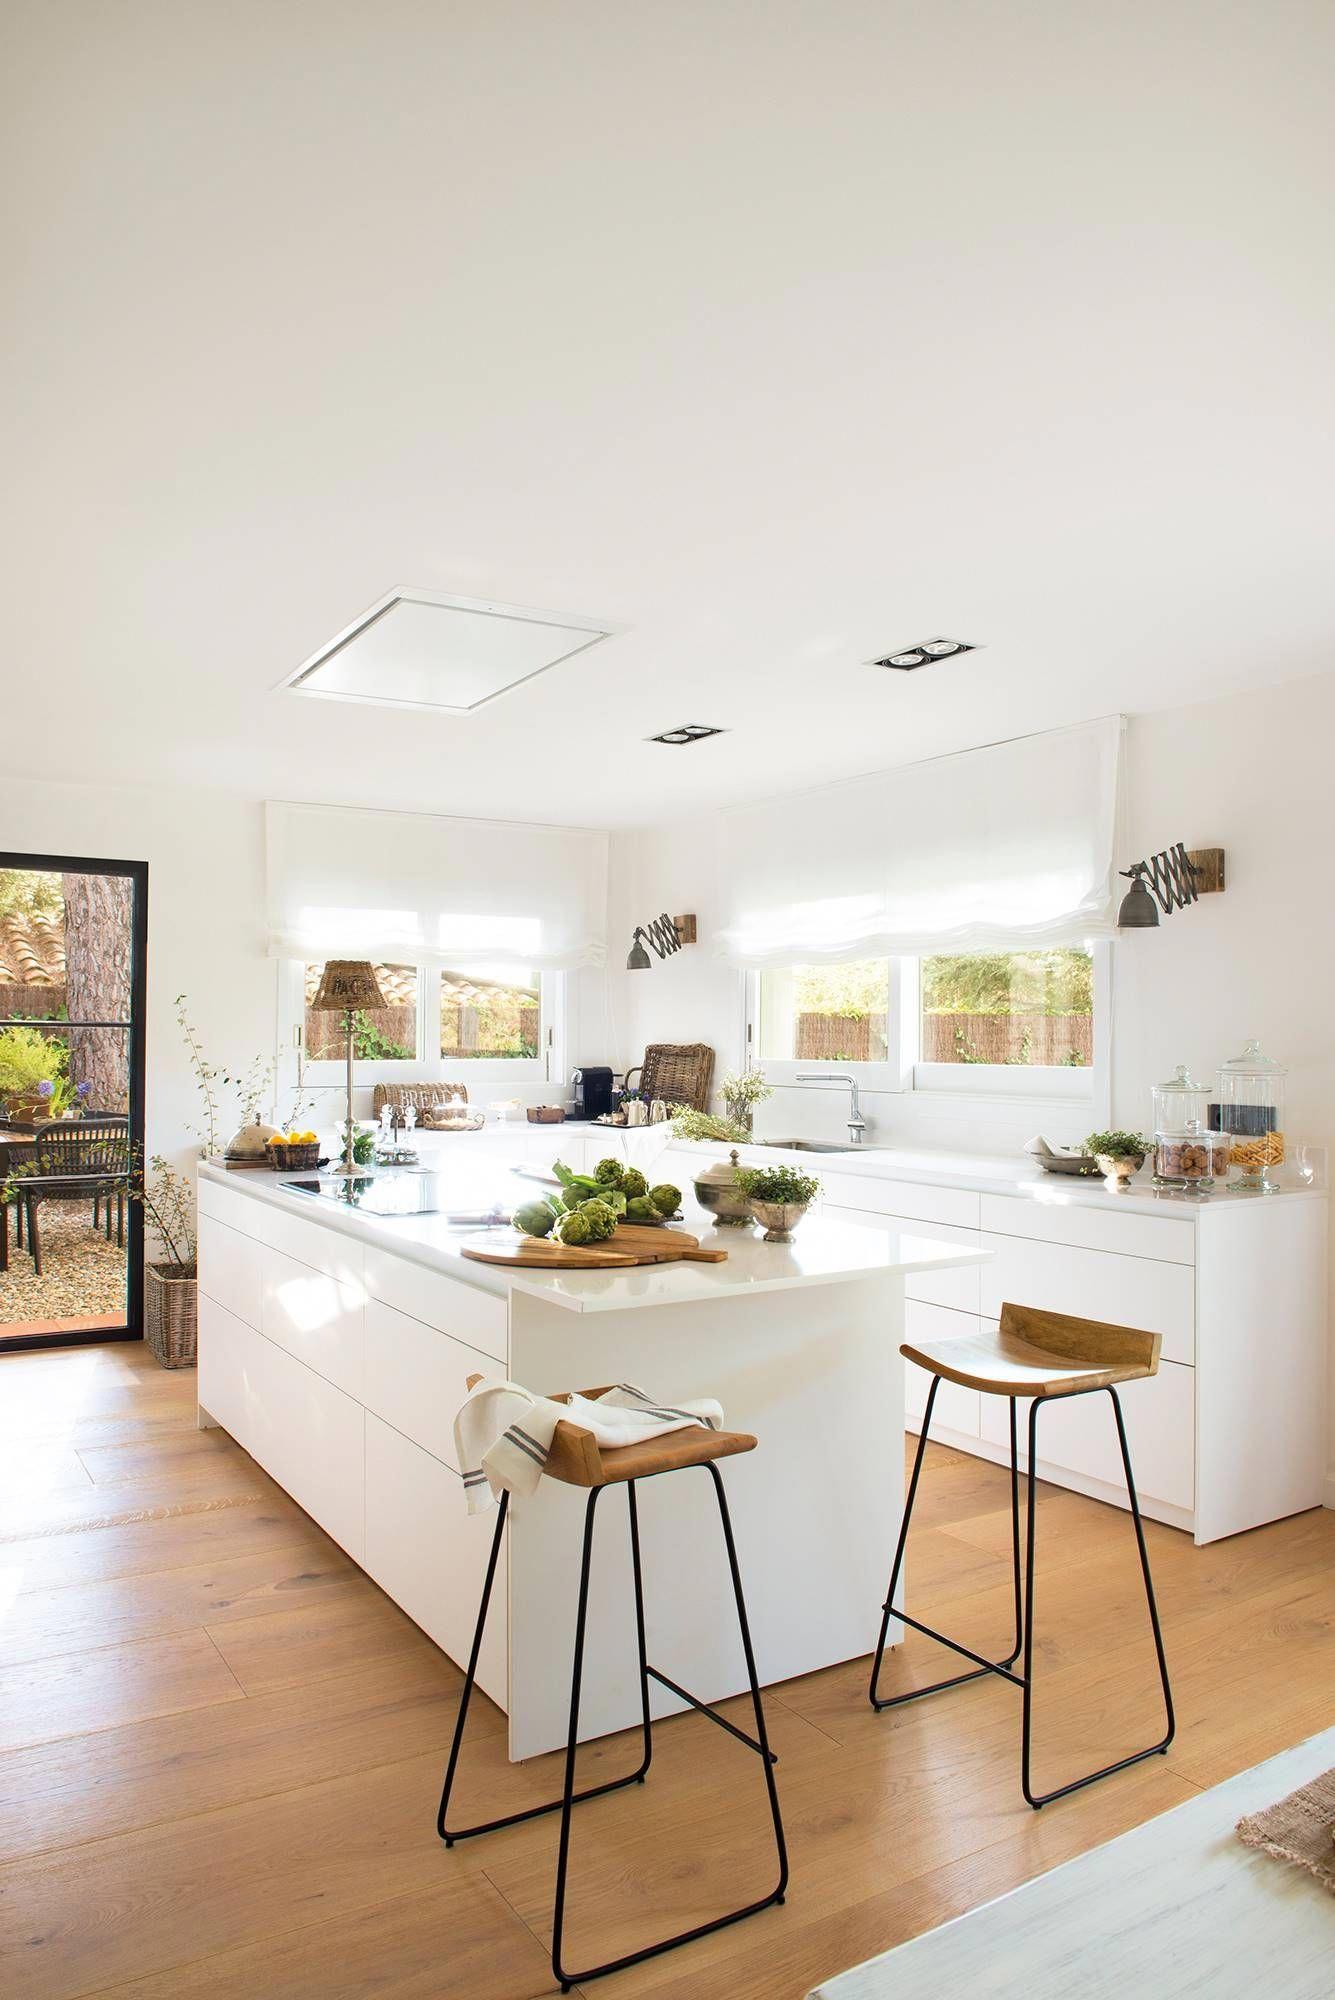 00480346 Cocina Abierta Al Salón Con Muebles Bajos En Color Blanco Isla Y Barra Con Taburet Decoración De Cocina Moderna Decoración De Cocina Cocinas De Casa